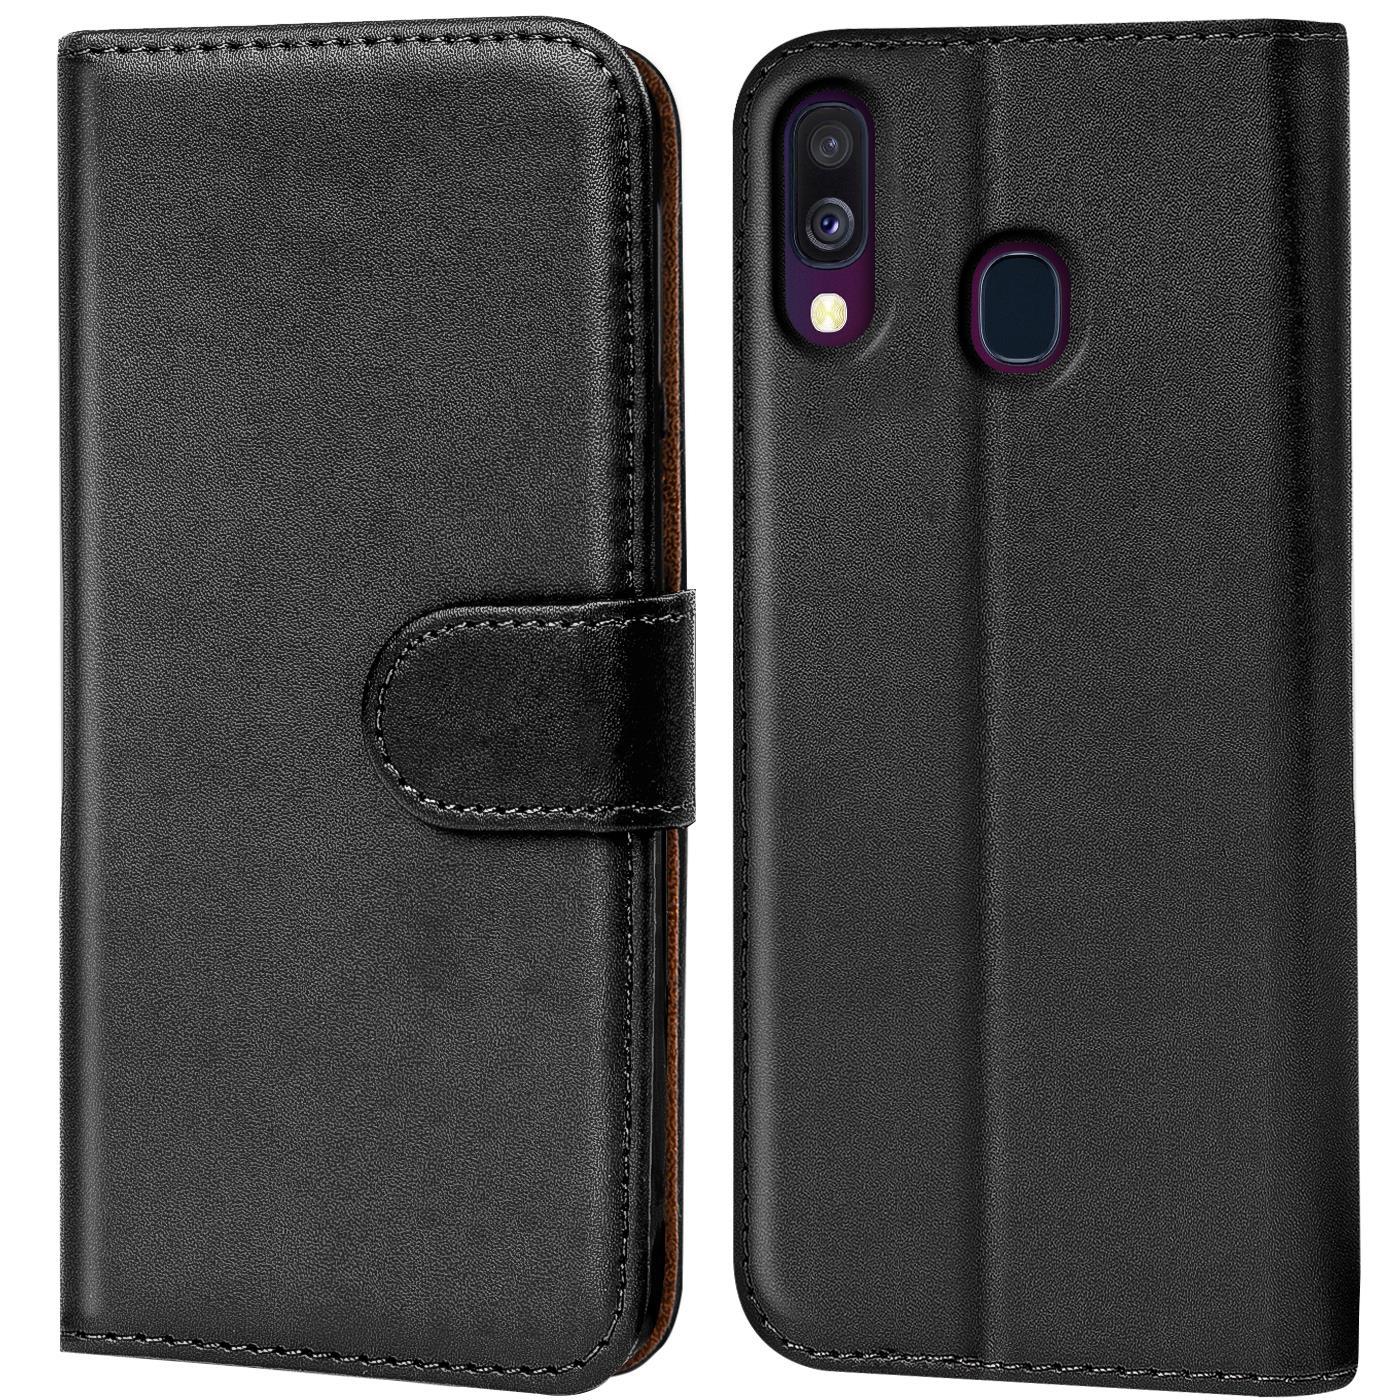 Schutz-Huelle-Samsung-Galaxy-A40-Handy-Klapp-Tasche-Book-Flip-Case-Schutzhuelle Indexbild 20